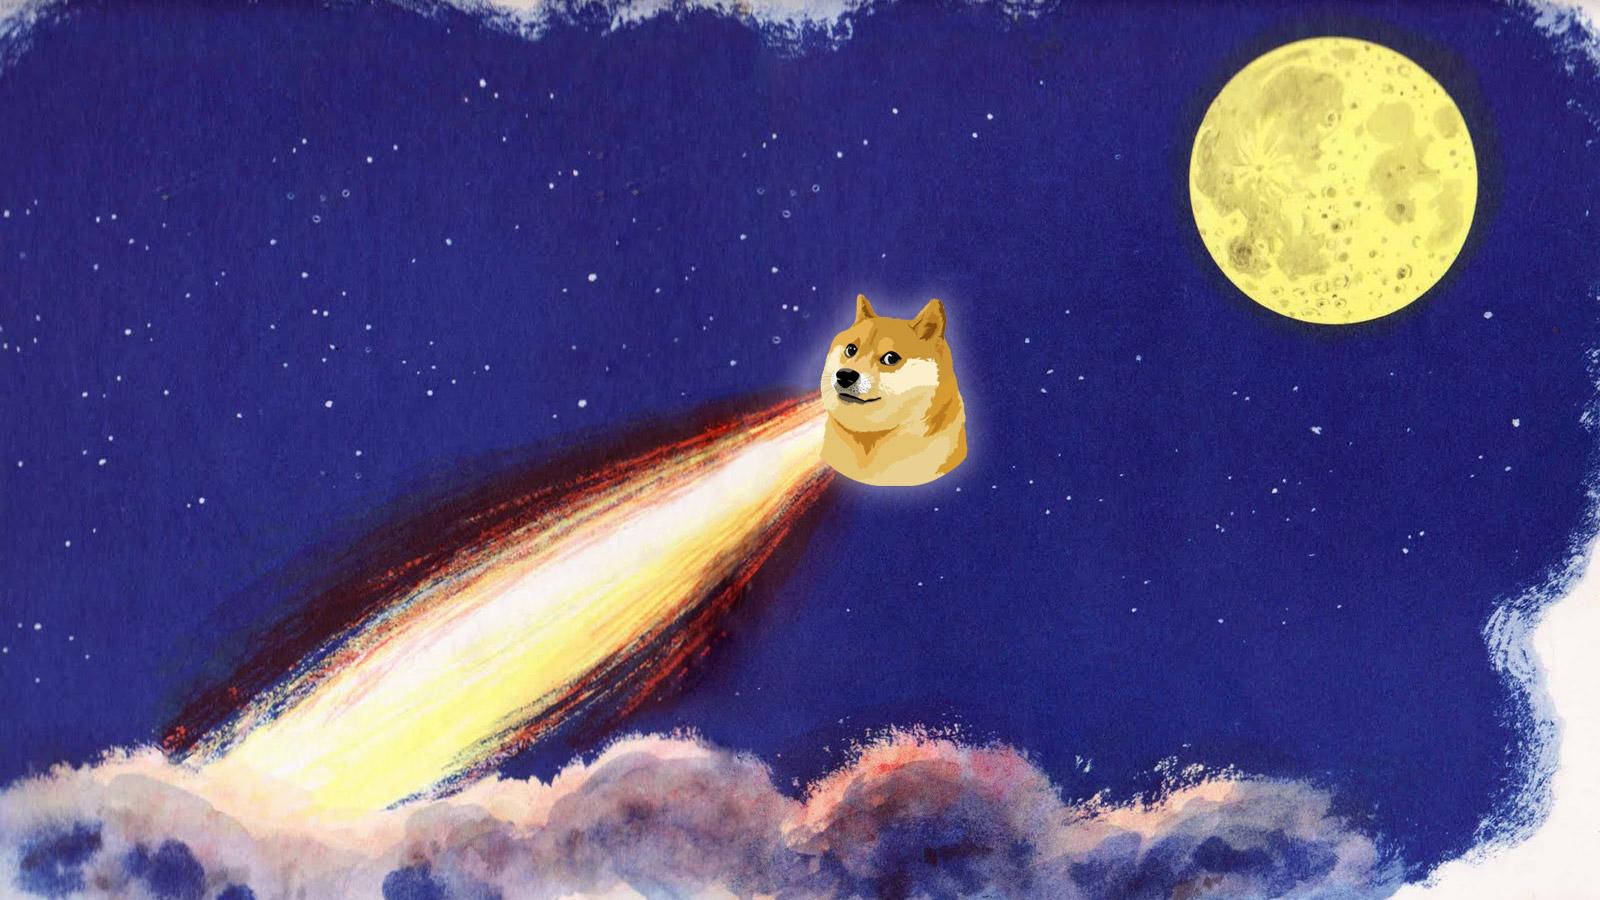 Несерьезная монета Dogecoin превысила по капитализации Nintendo и выбила XRP из топ-4